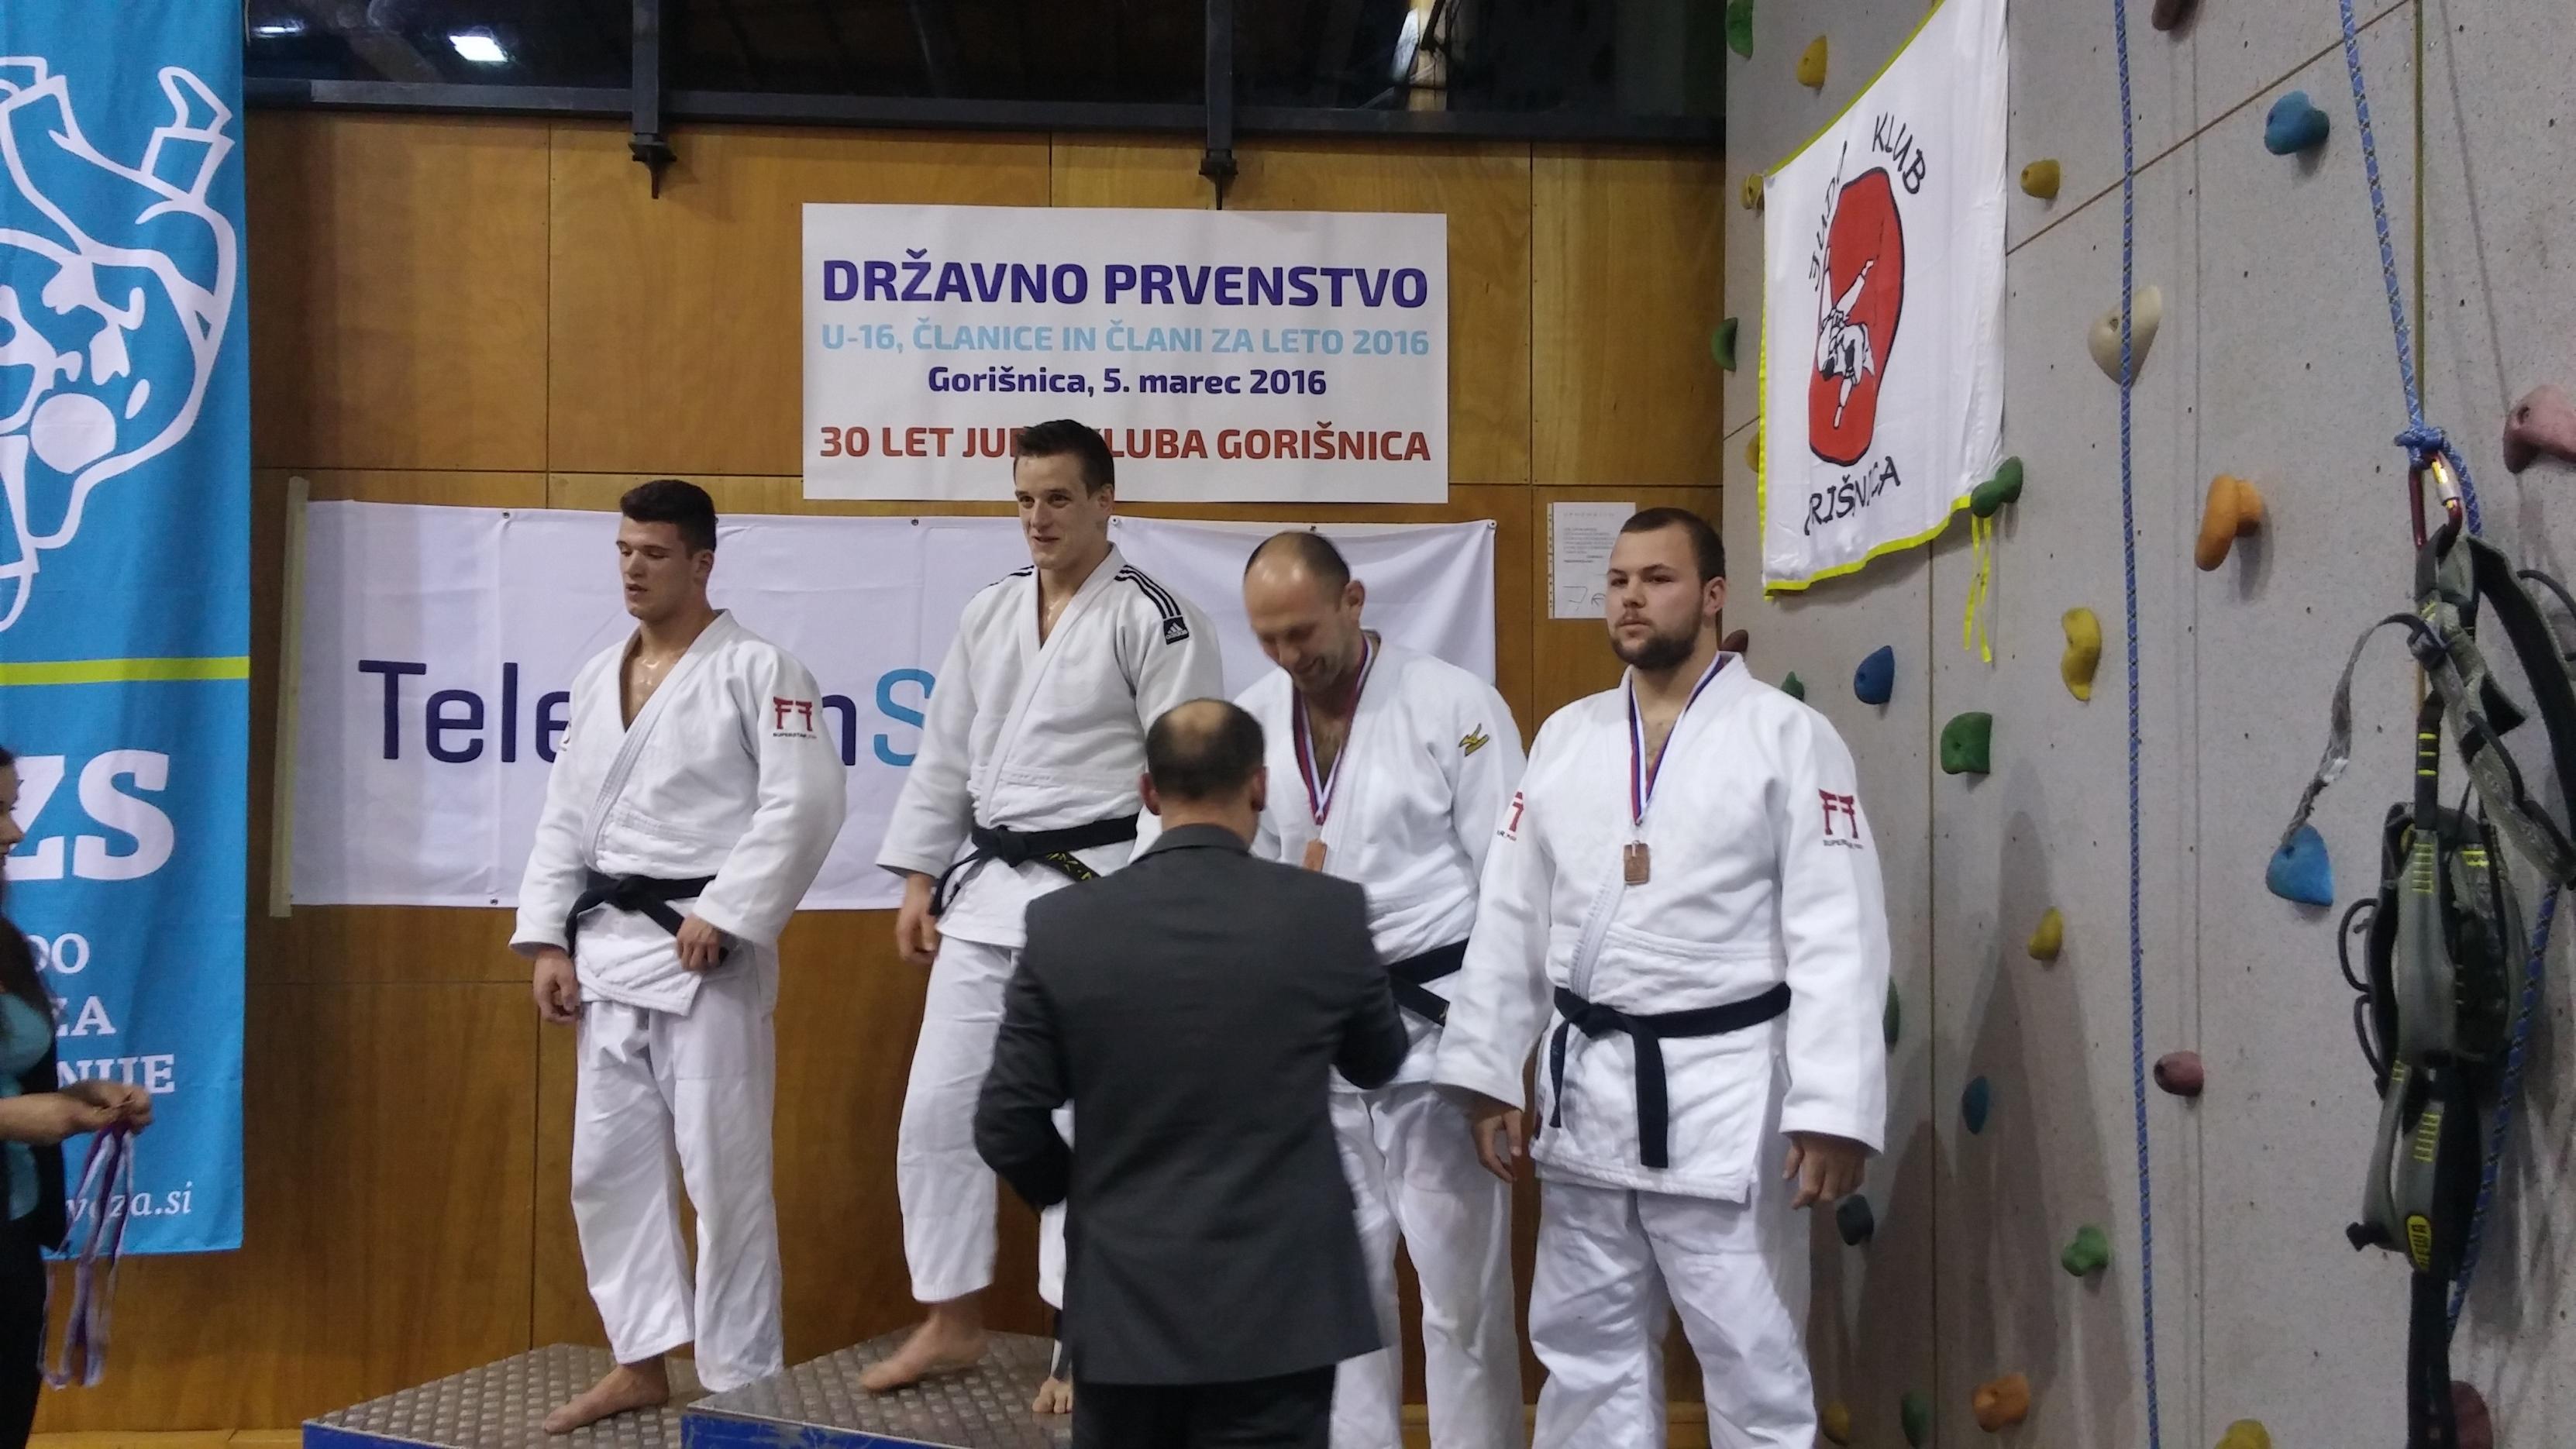 Igor SPASOJEVIĆ med podelitvijo medalj